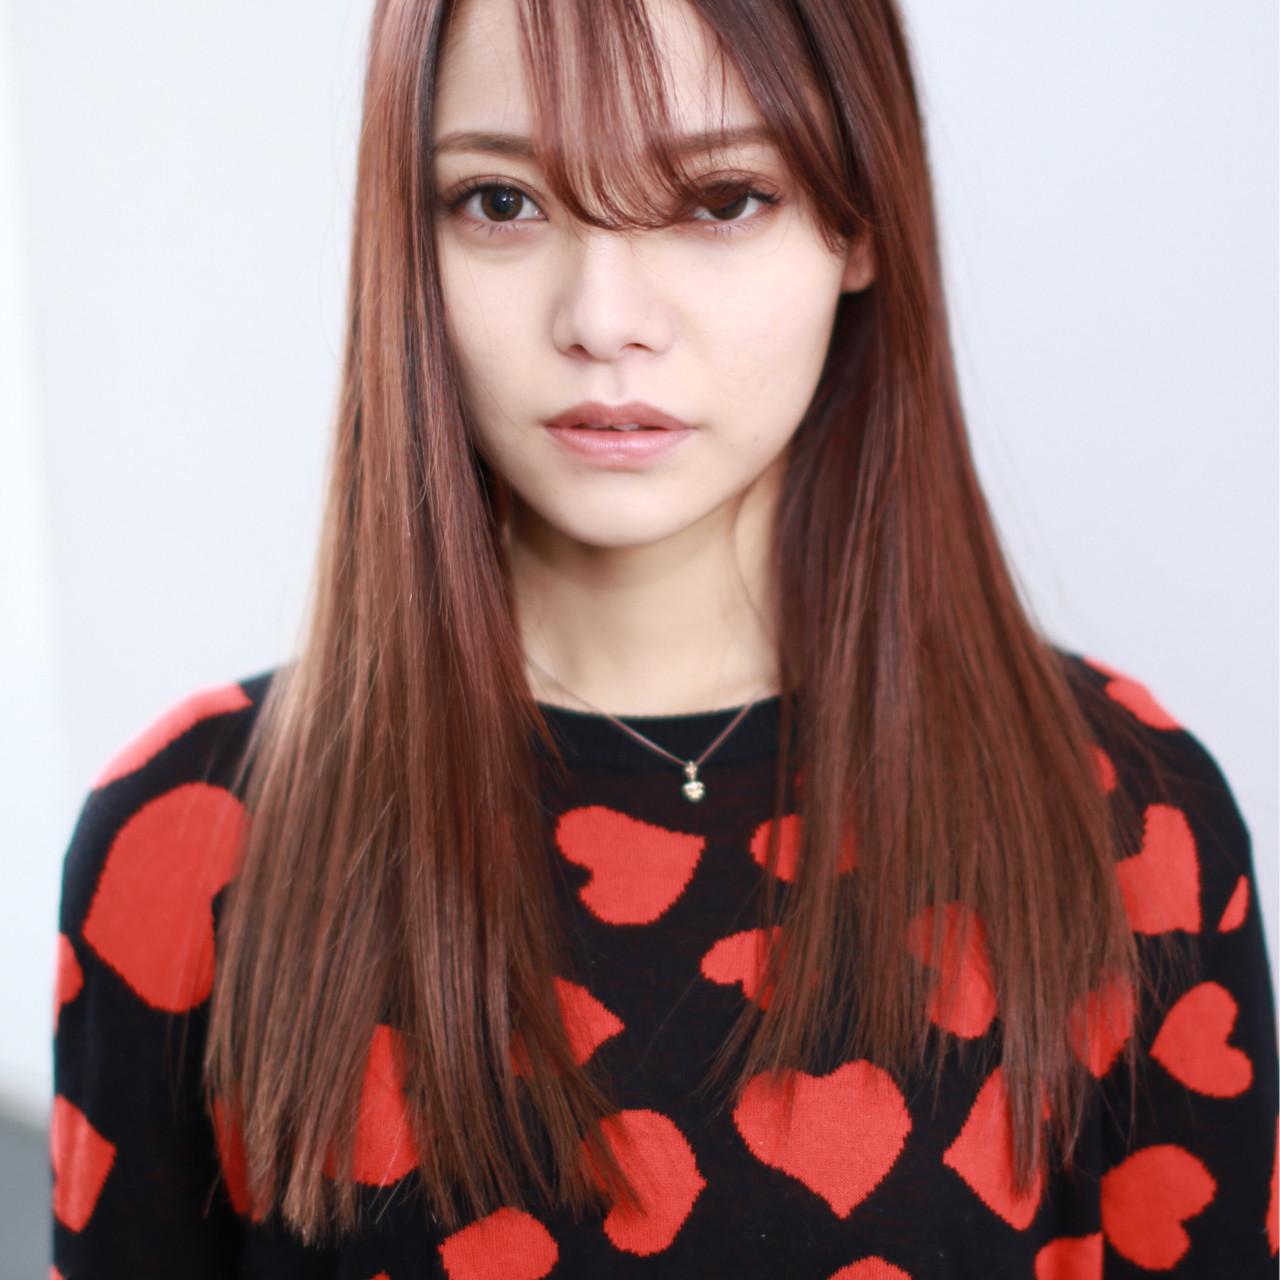 髪色から秋めいて。最新トレンドは「レッドブラウン」のヘアカラー♡の18枚目の画像